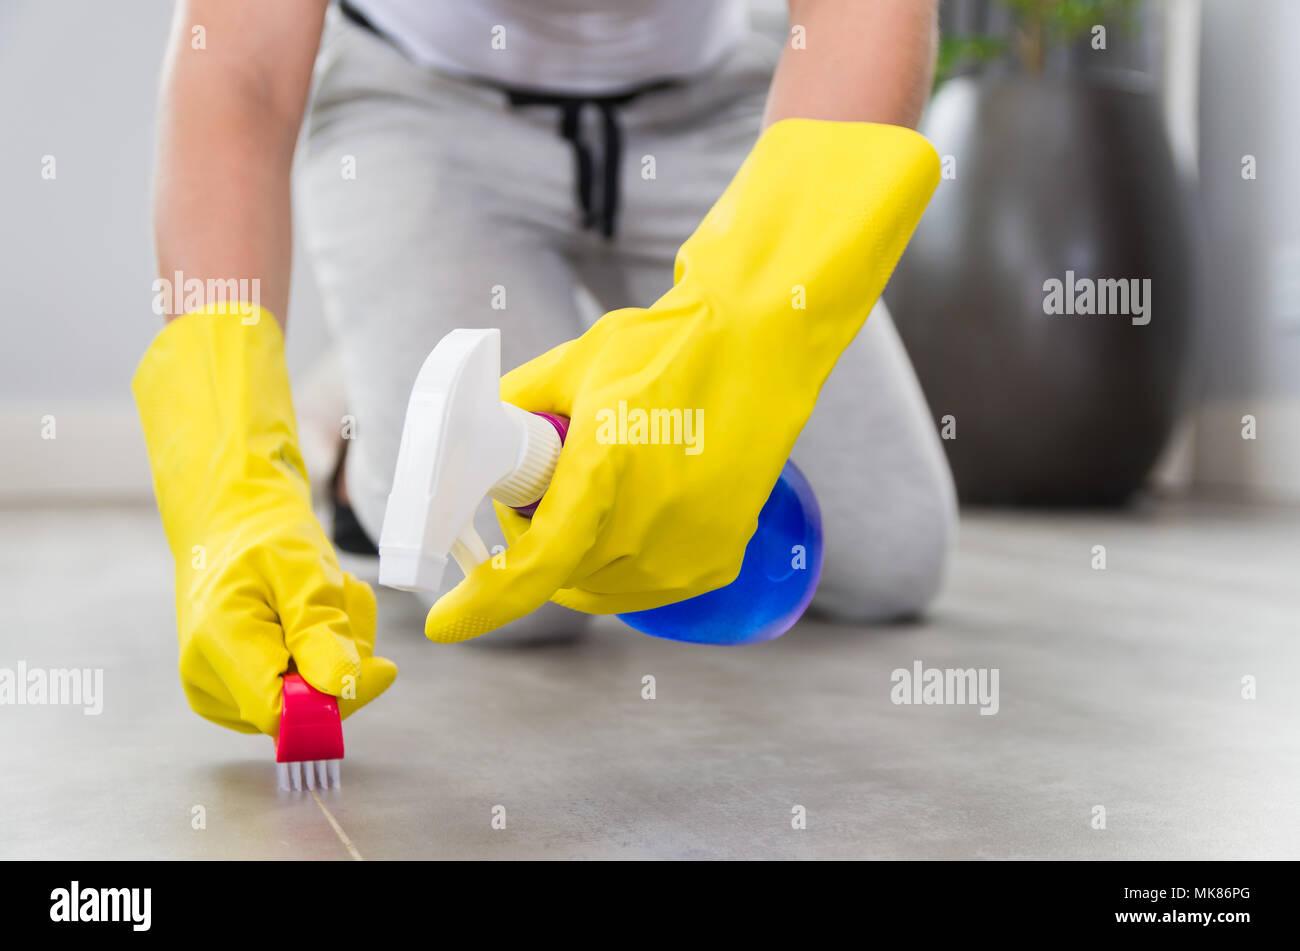 Gran concepto de limpieza doméstica, mujer la limpieza del piso. Imagen De Stock